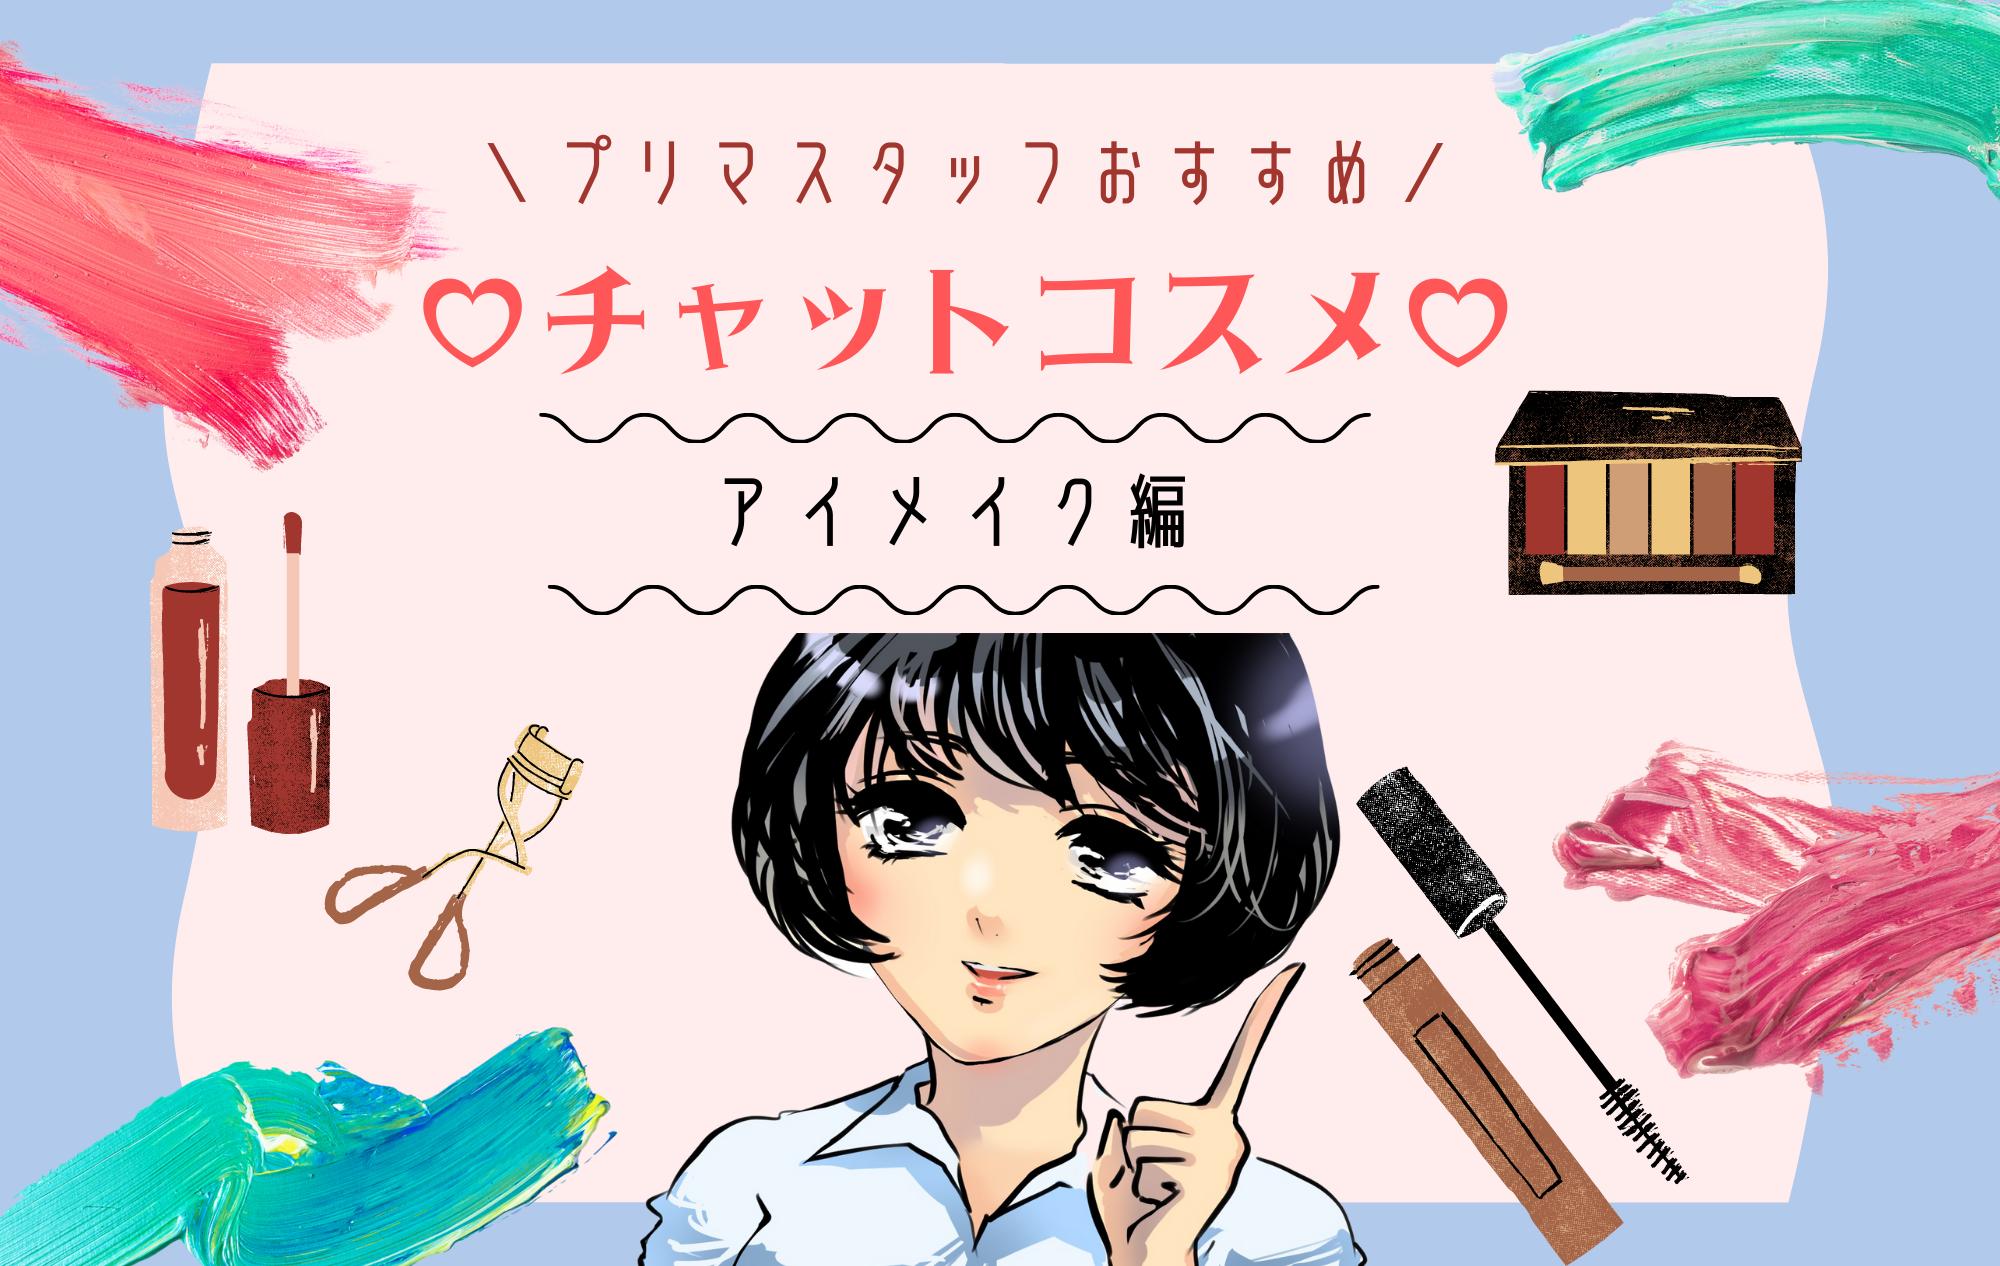 【必見!】スタッフおすすめのチャットコスメ♡~アイメイク編~